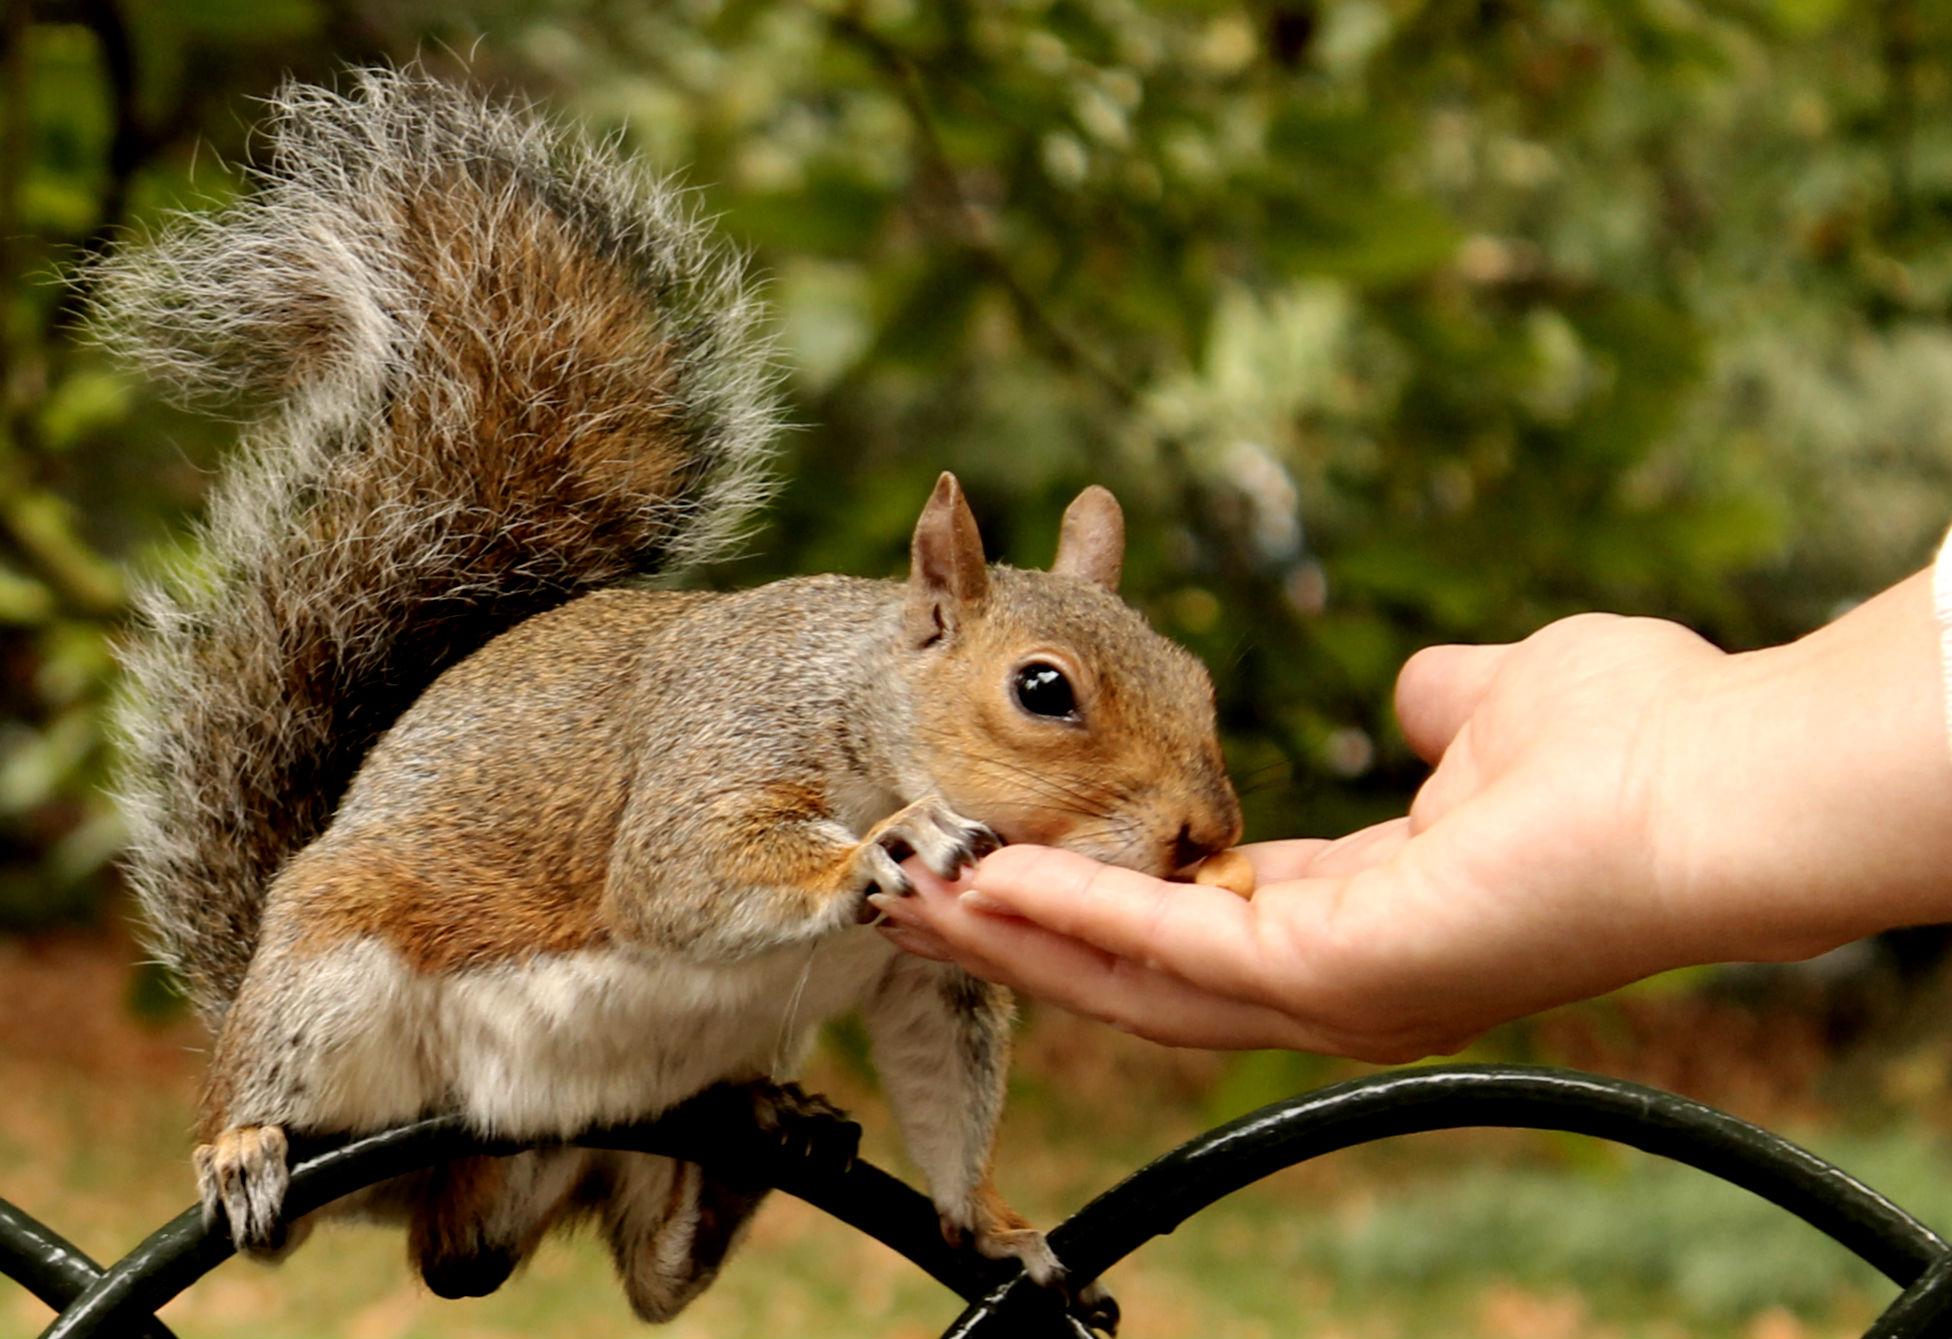 esquilo no st james's park comendo na mao de um turista